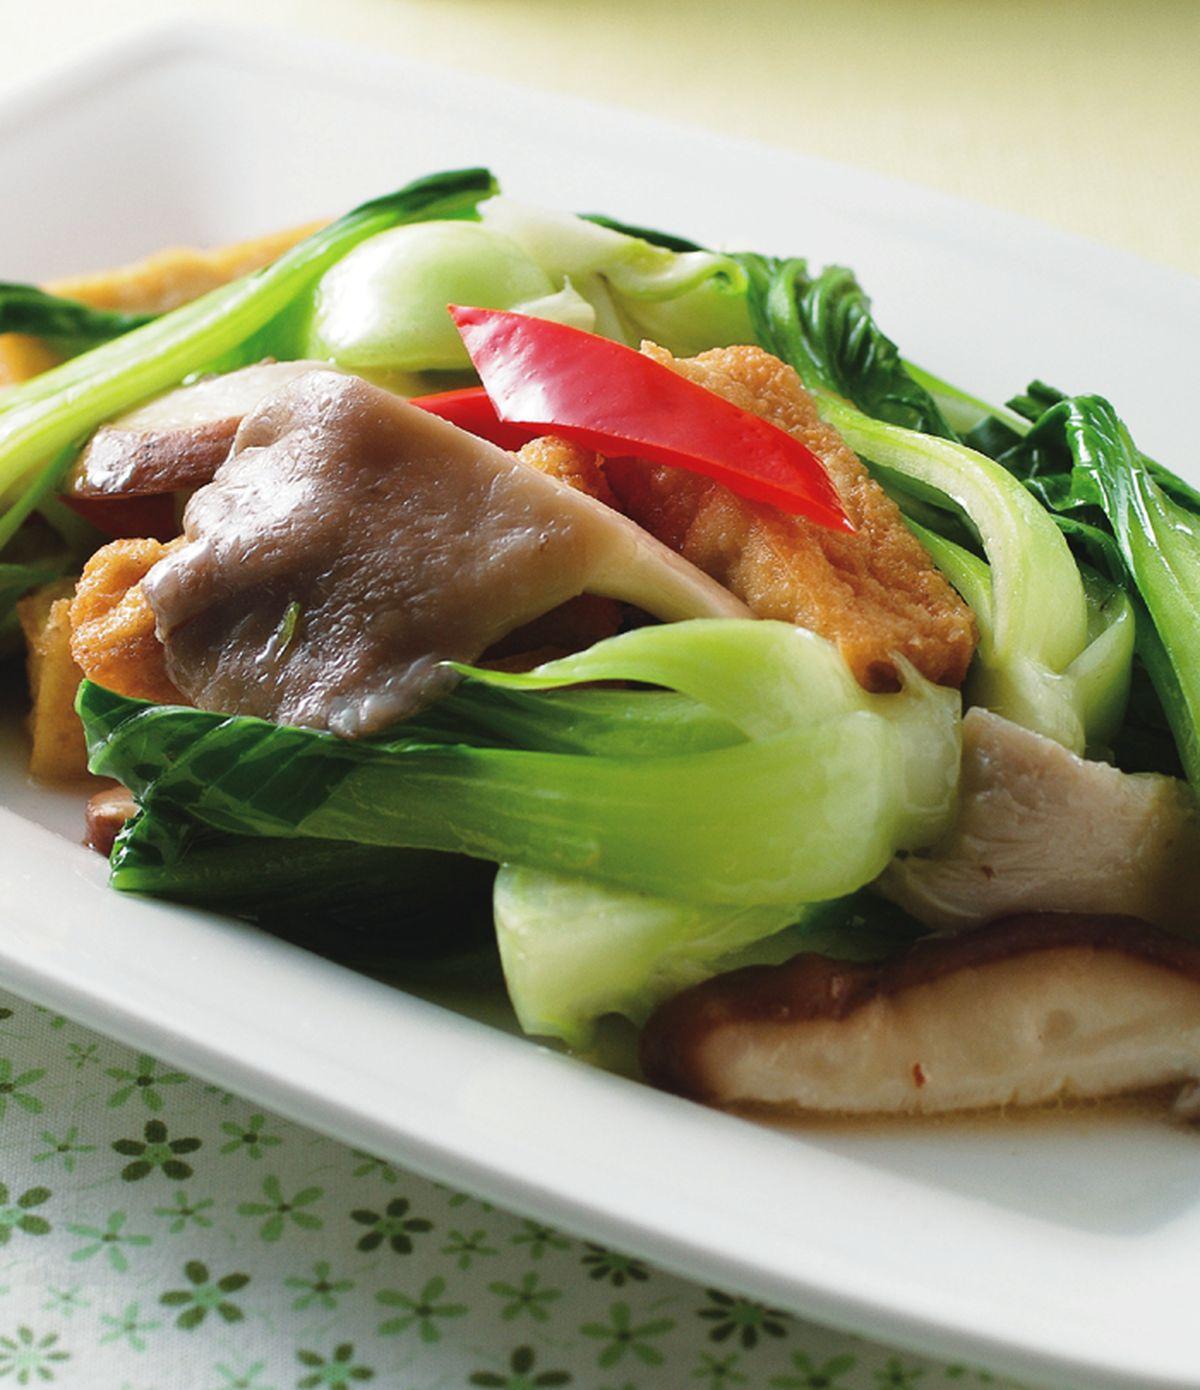 食譜:青江菜雙菇炒豆腐